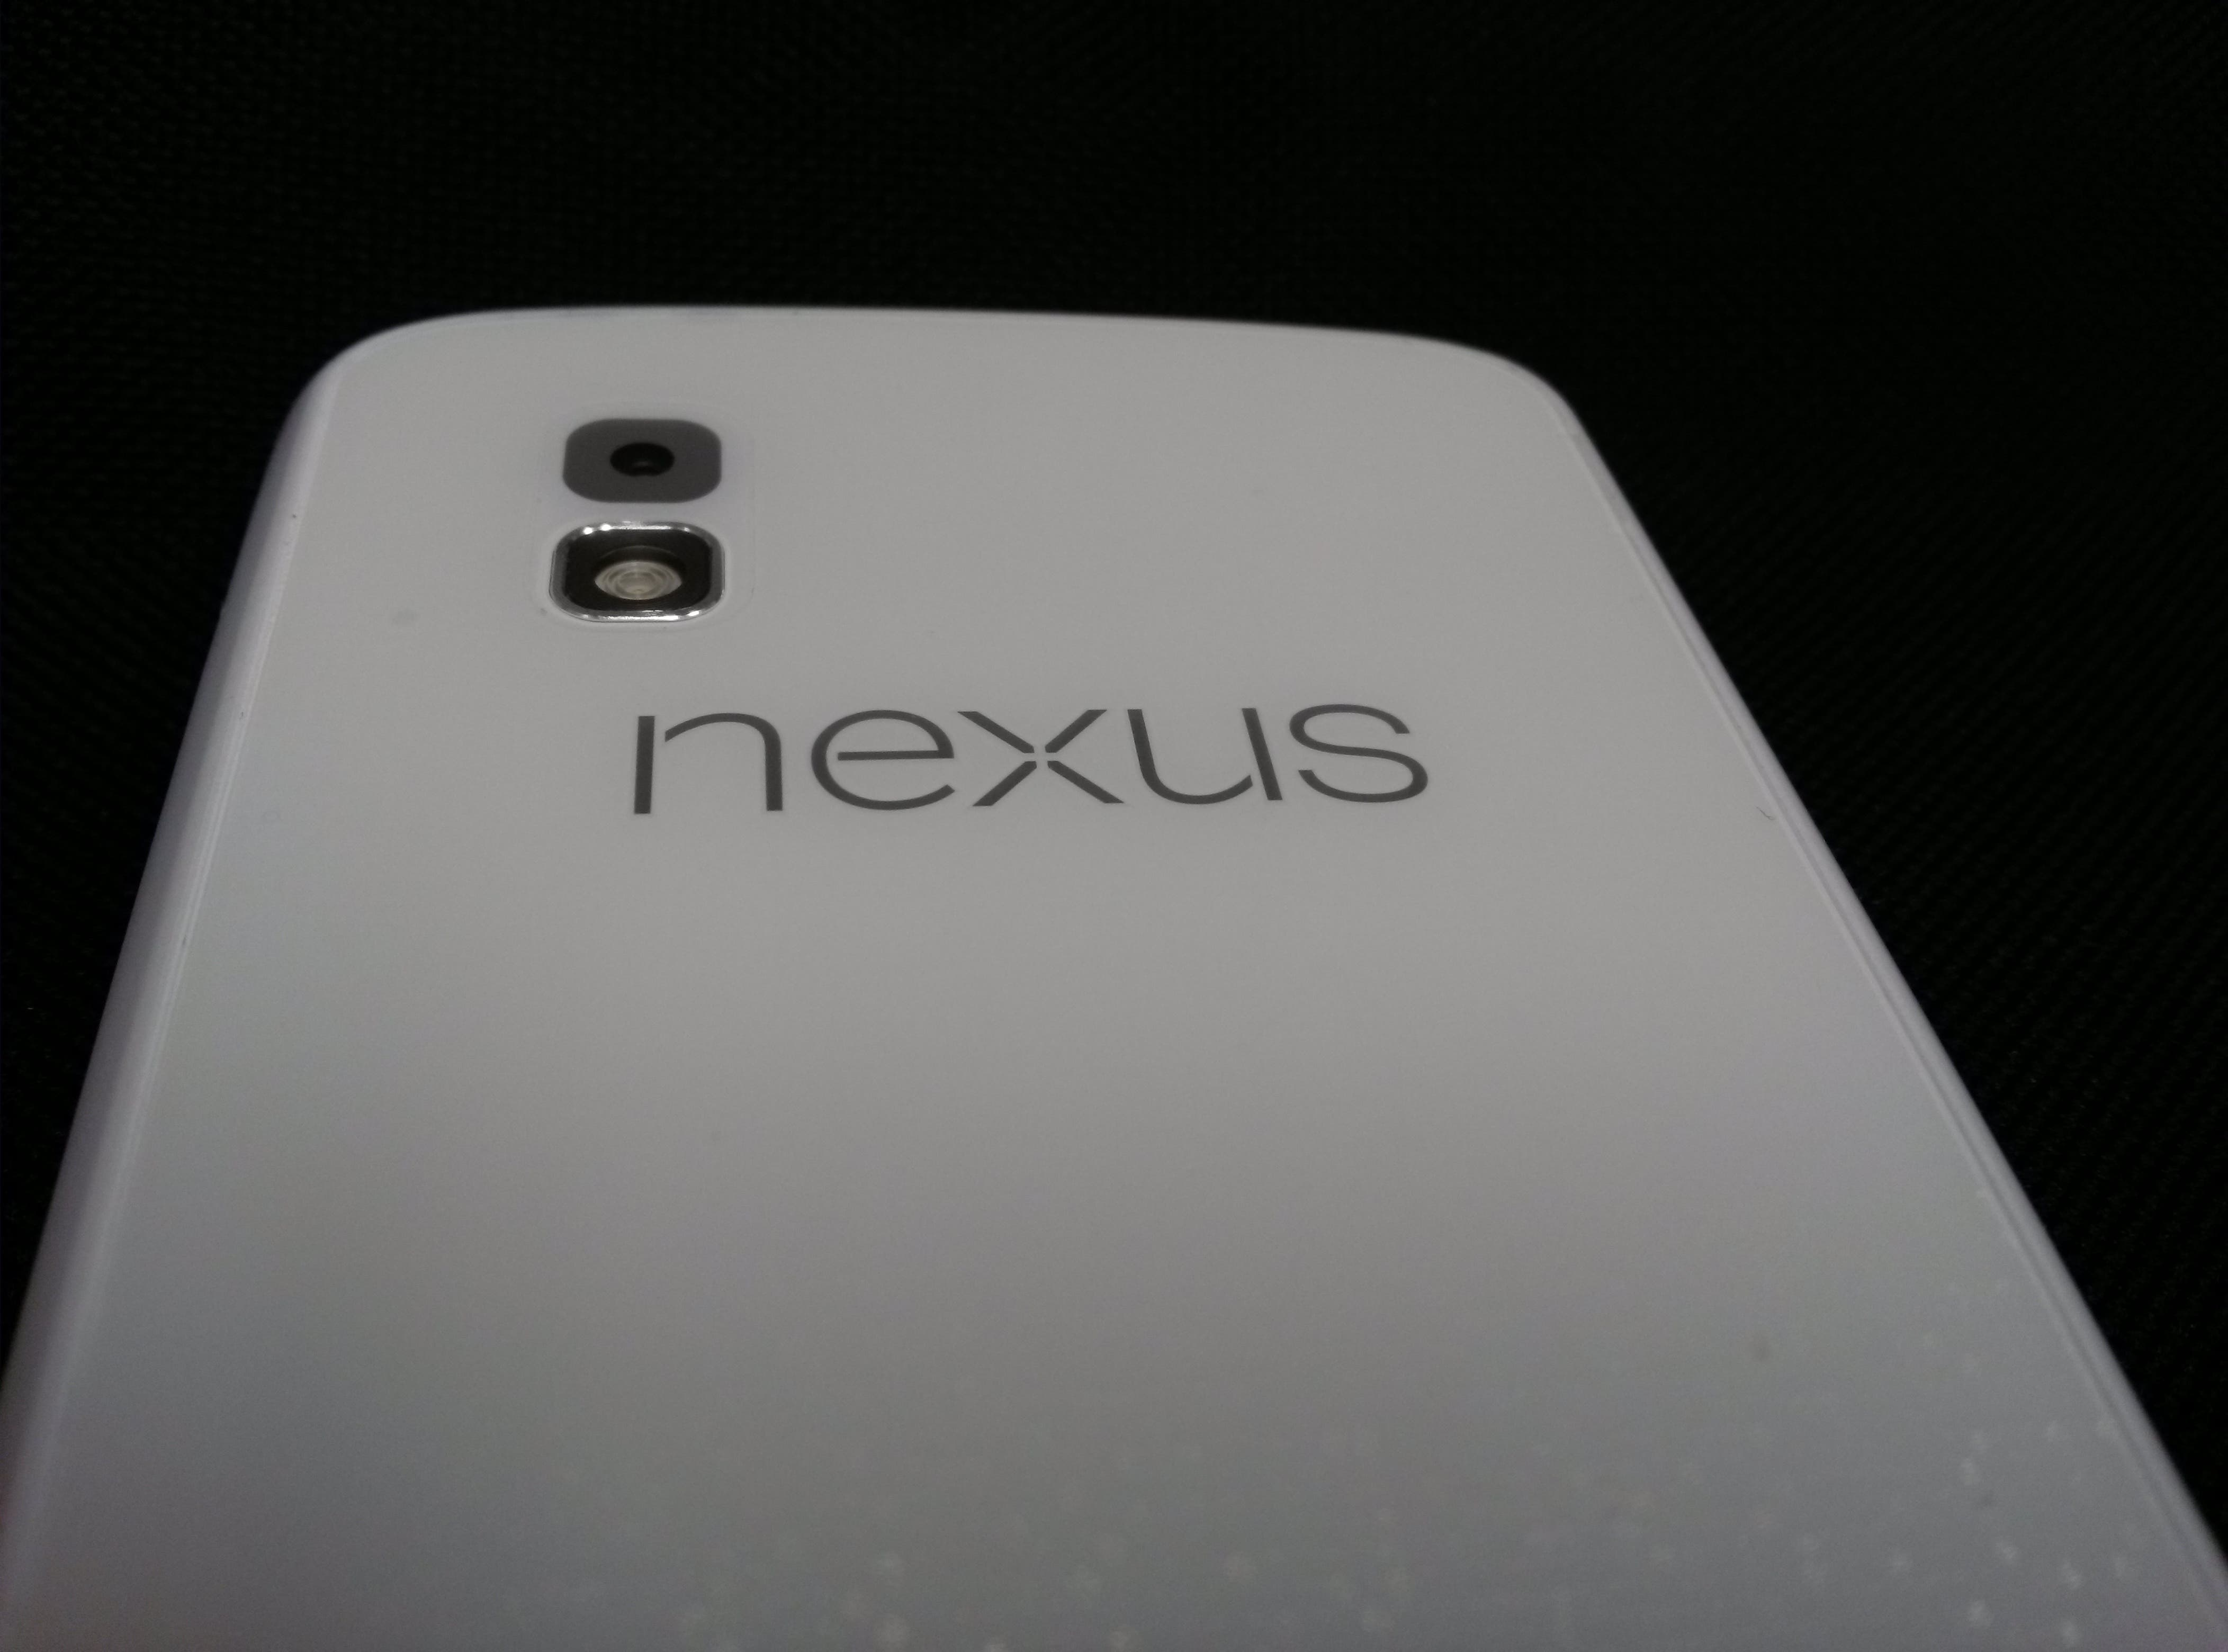 Nexus 4 in weiss taucht auf Foto auf